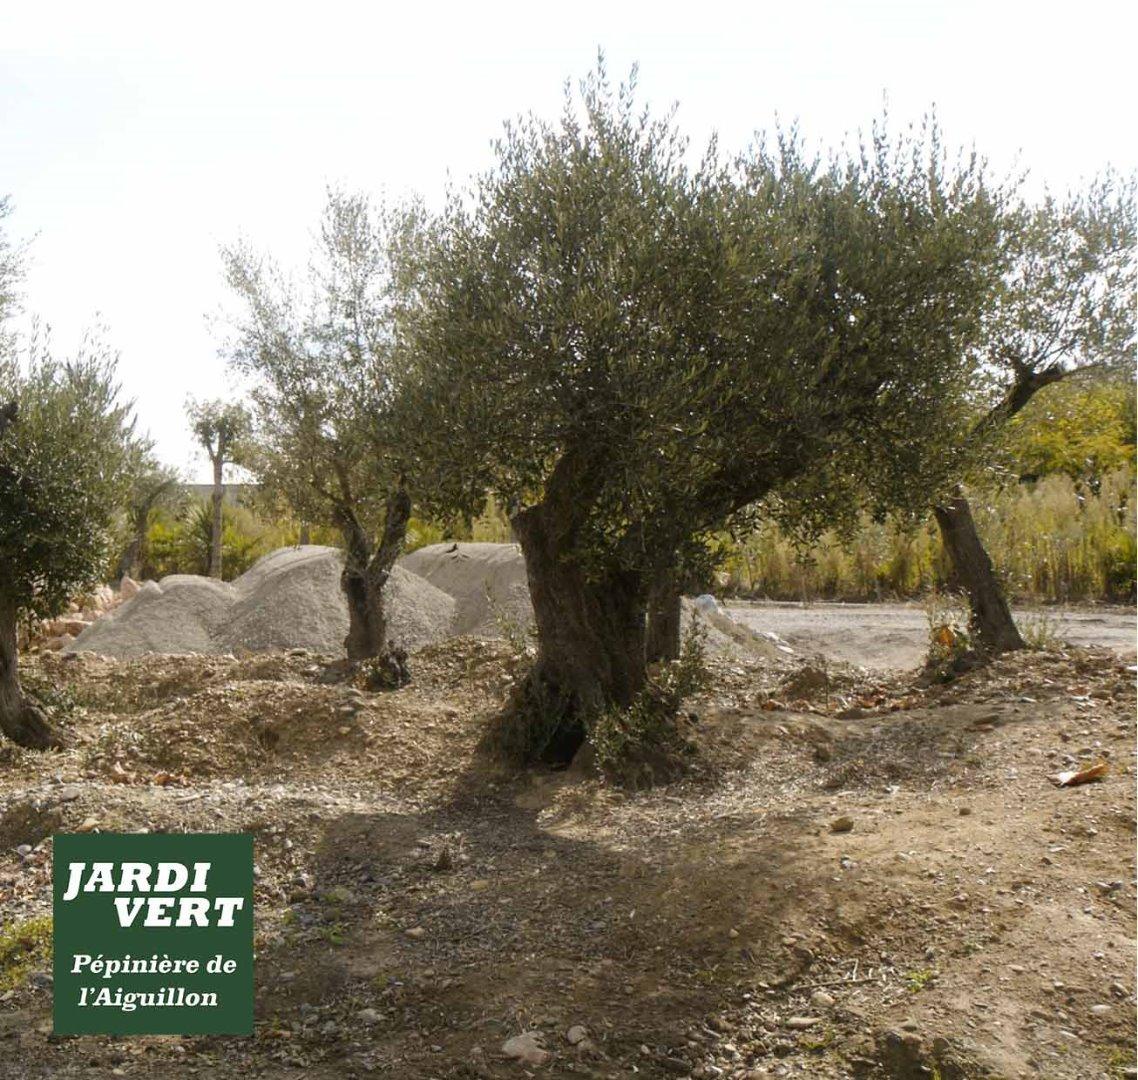 Vente de gros oliviers vieux à Toulouse - Jardi Vert, pepinieriste et paysagiste à Toulouse